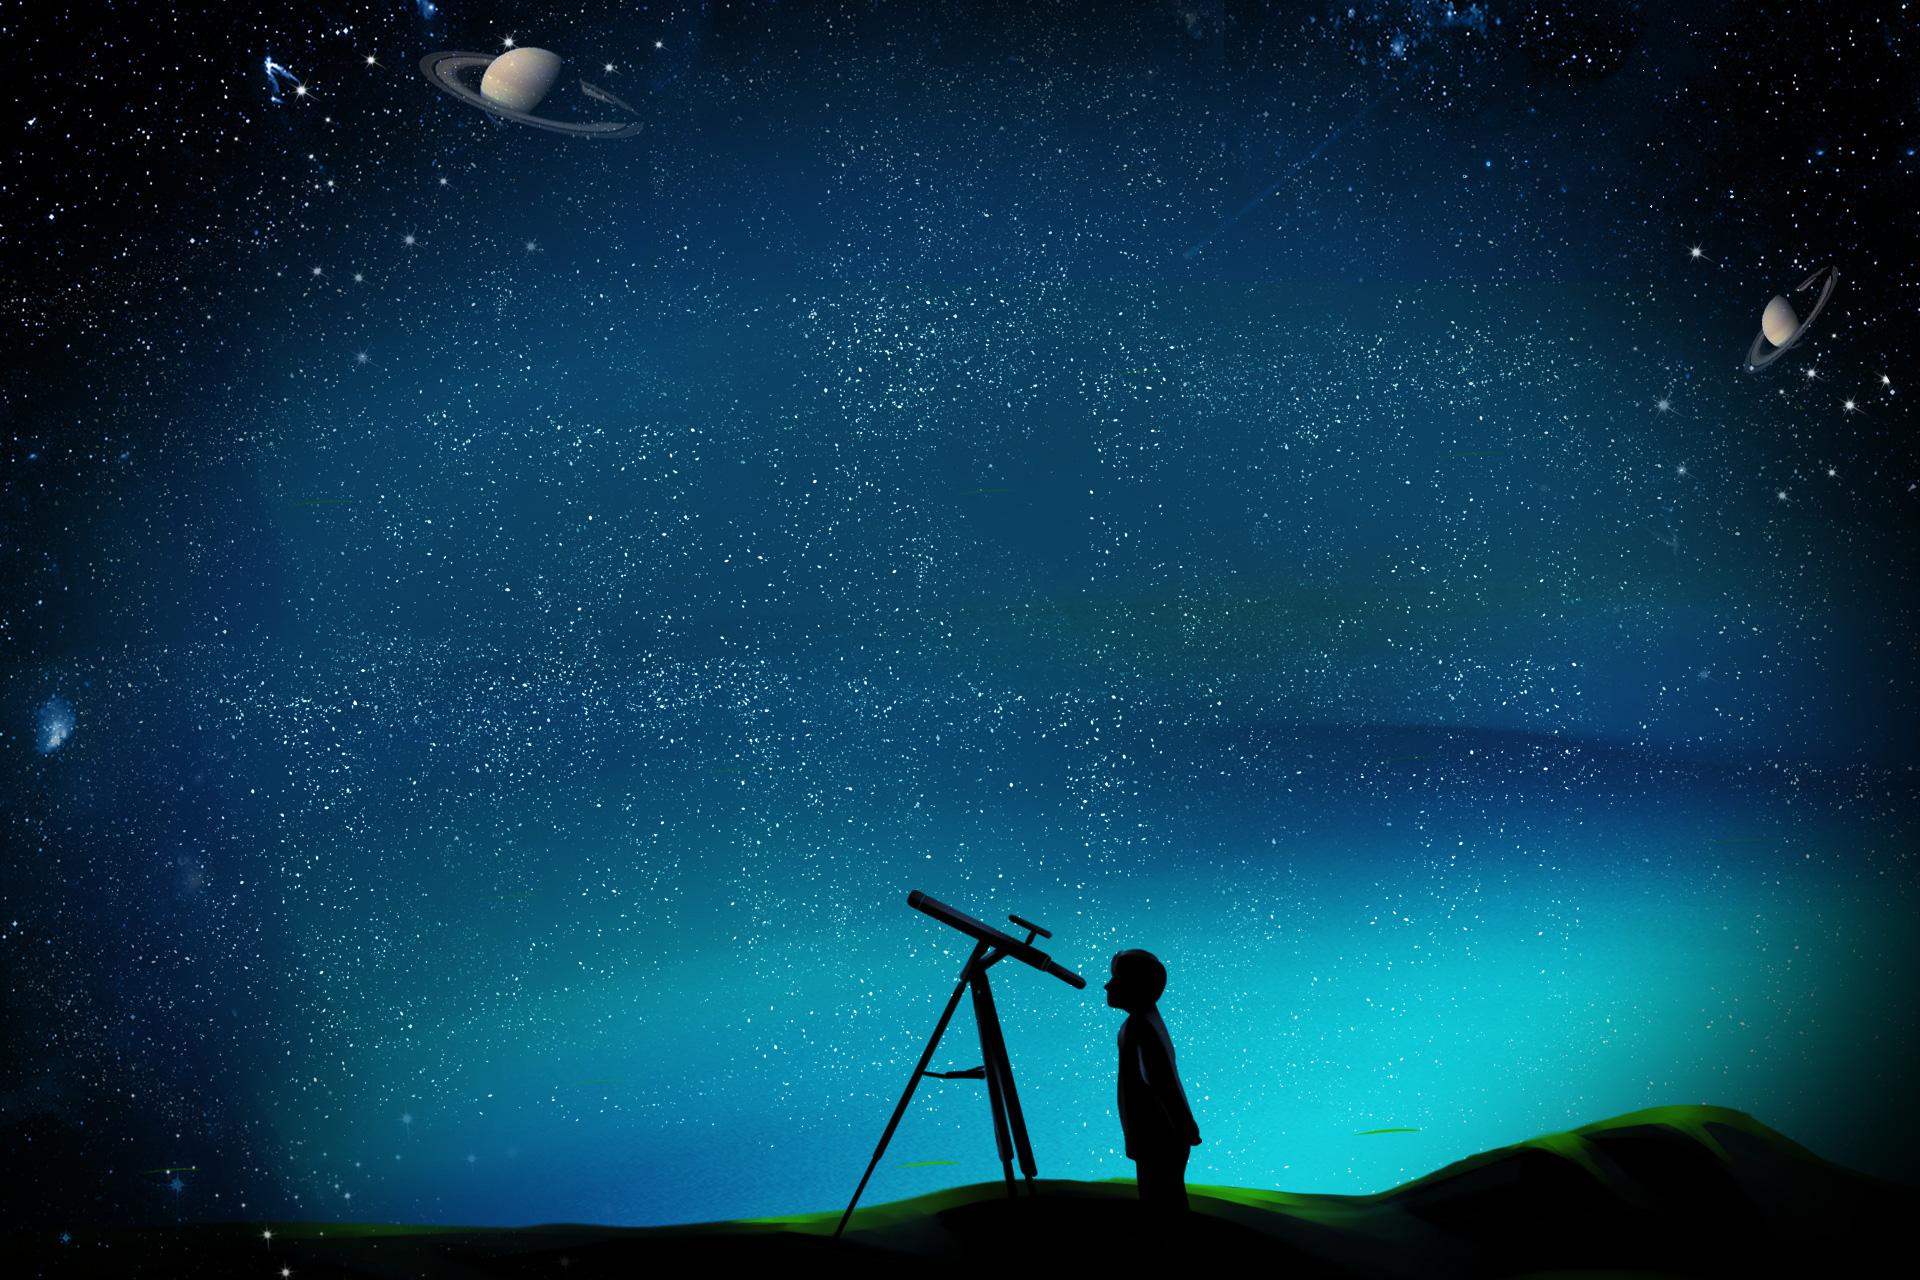 天文望远镜厂家